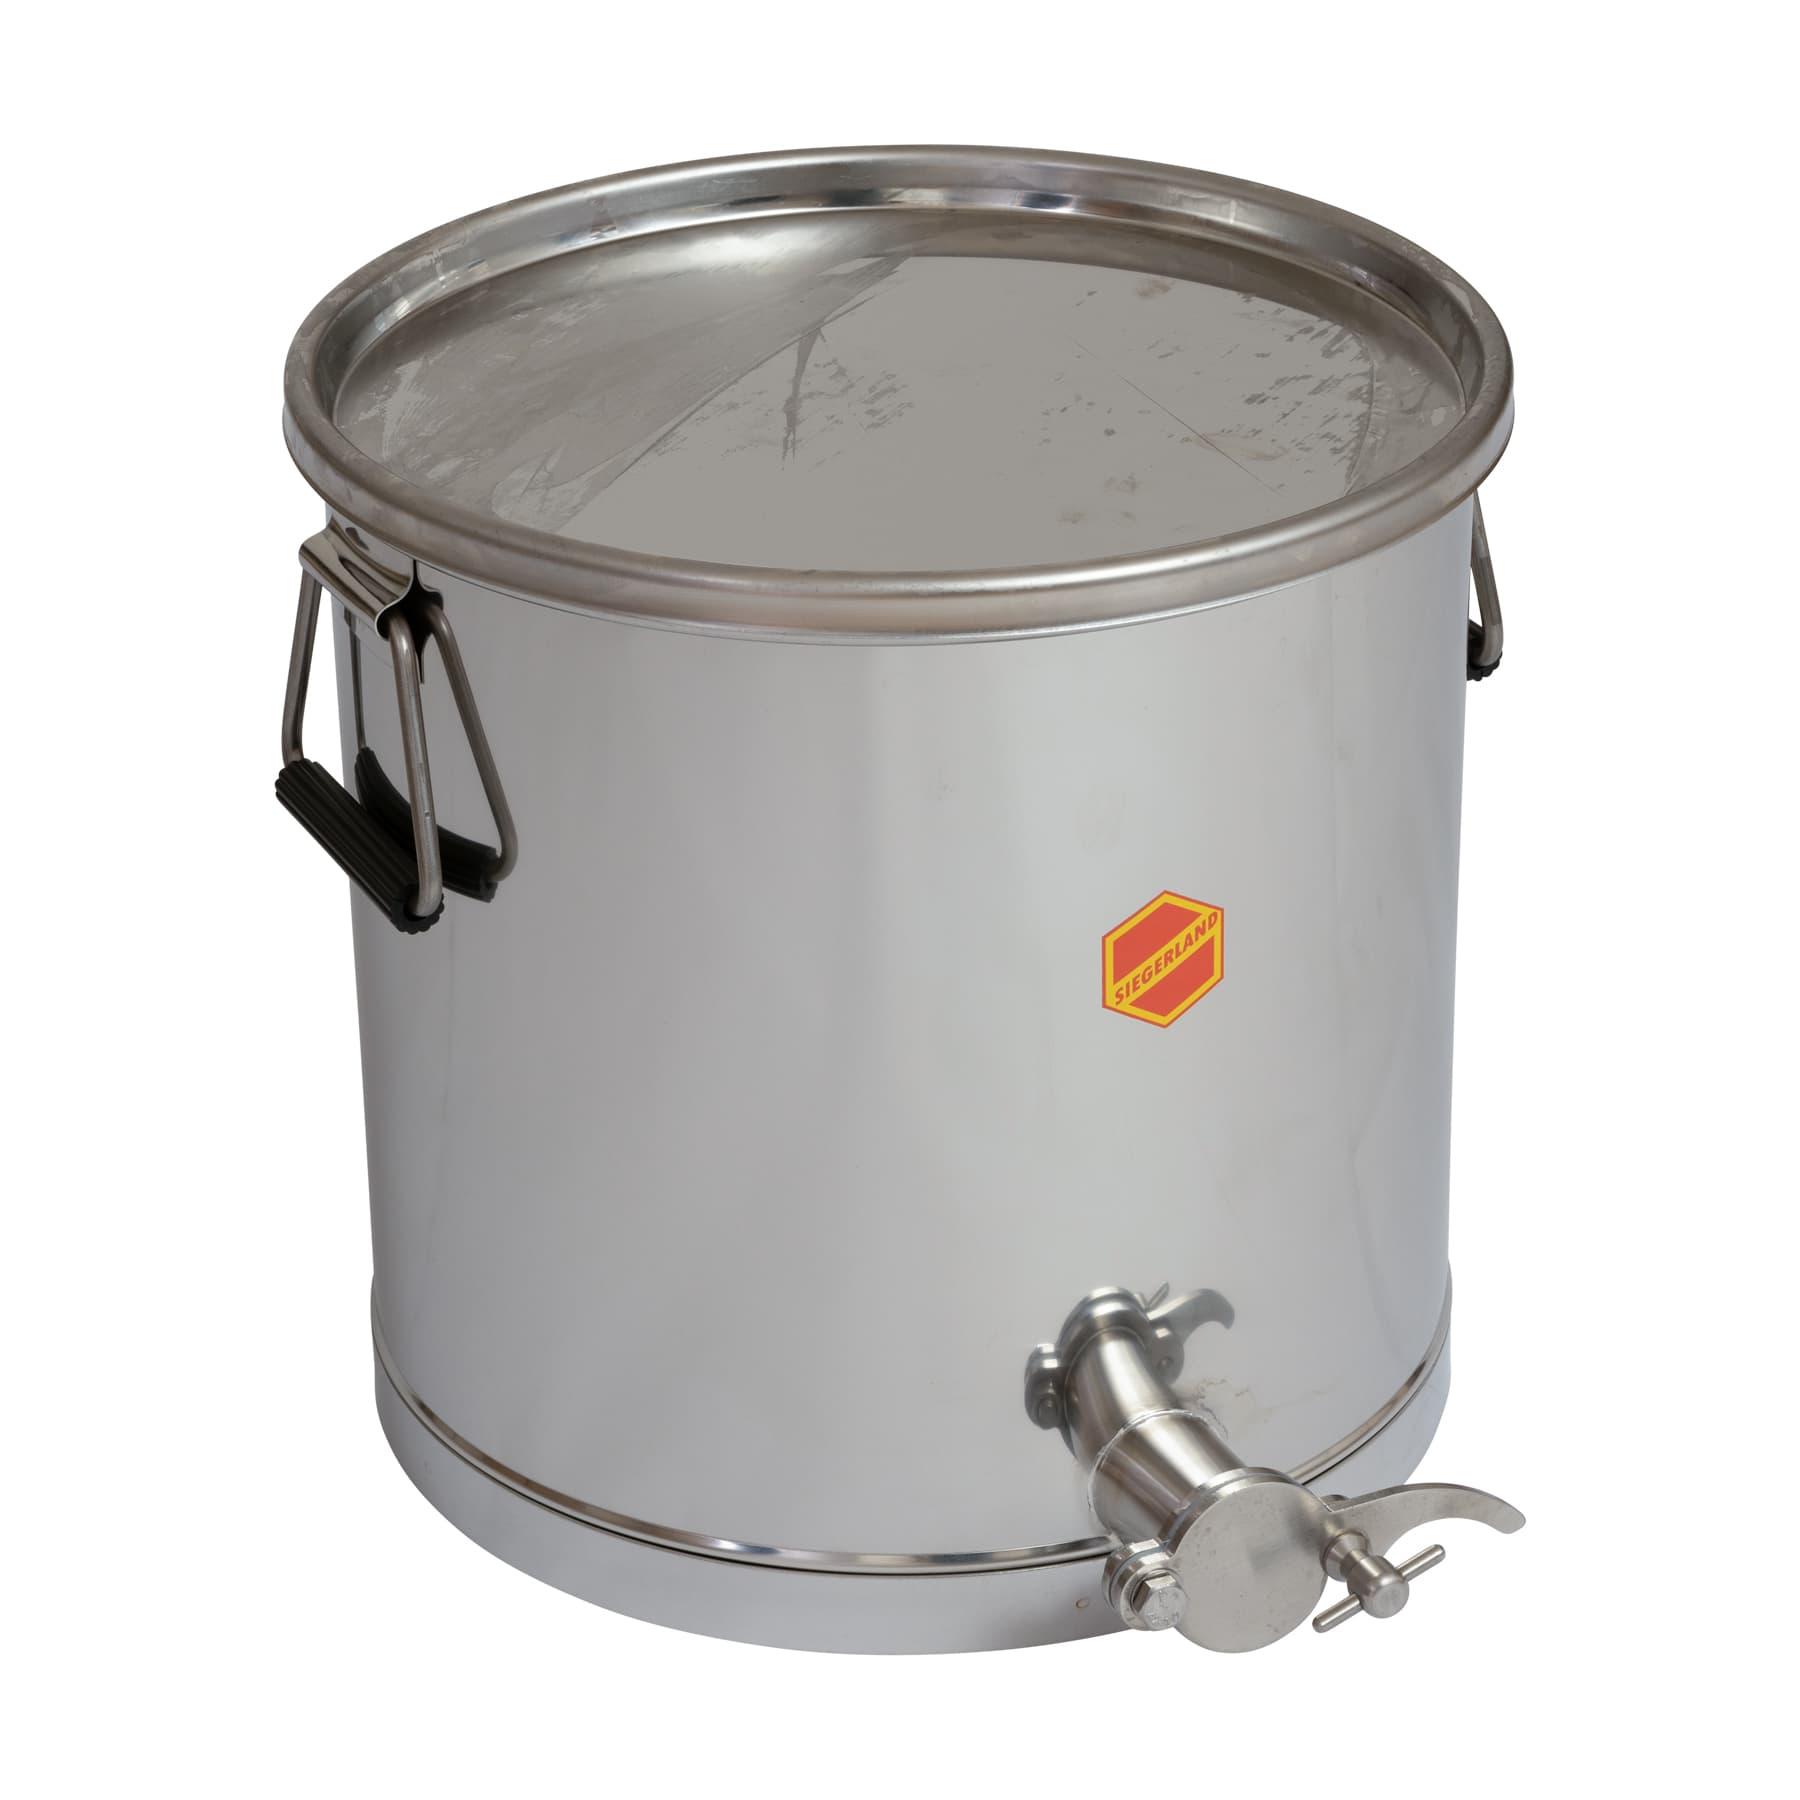 Abfüllbehälter 25 kg mit Auflagedeckel, Original Siegerland